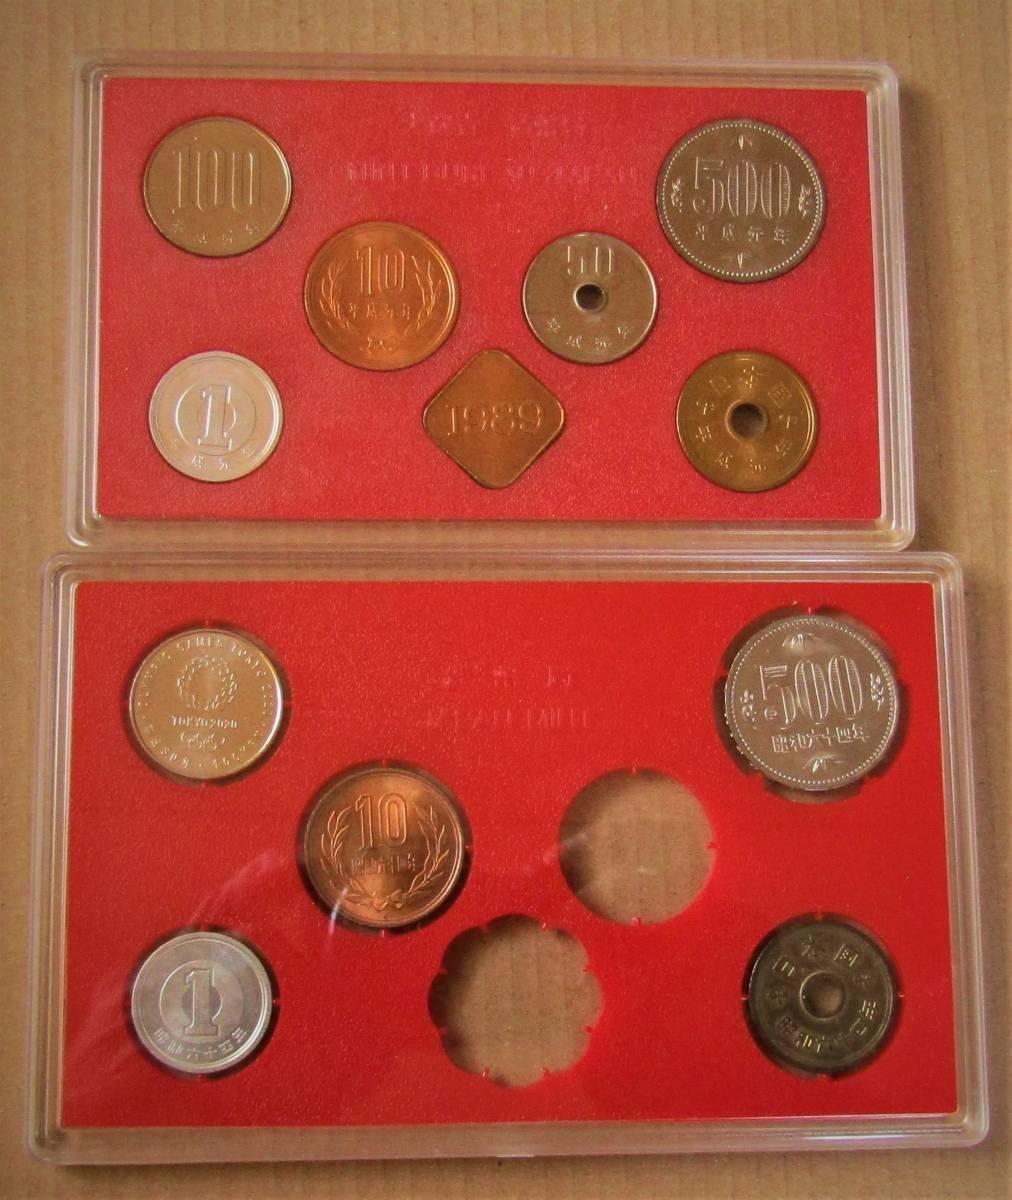 希少 1989年貨幣セット 昭和最後の貨幣と平成元年貨幣セット 送料無料